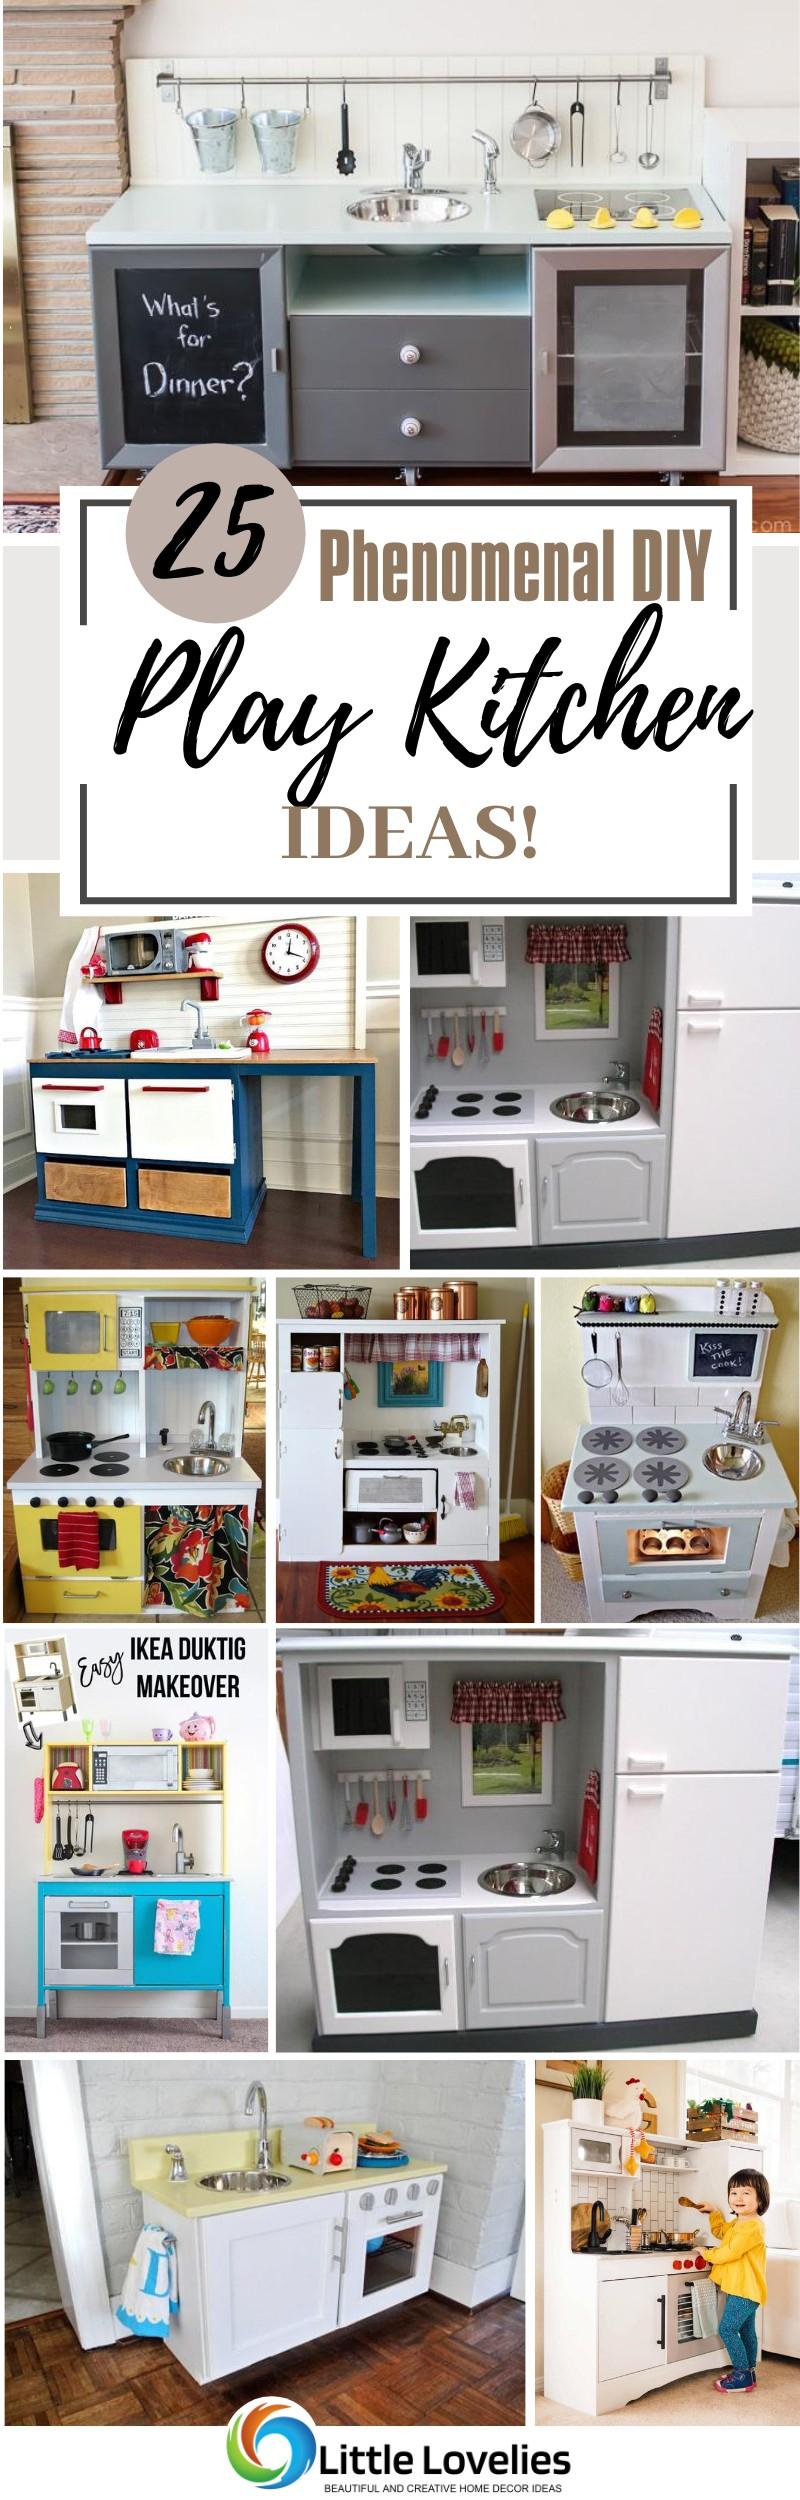 Best Phenomenal DIY Play Kitchen Ideas